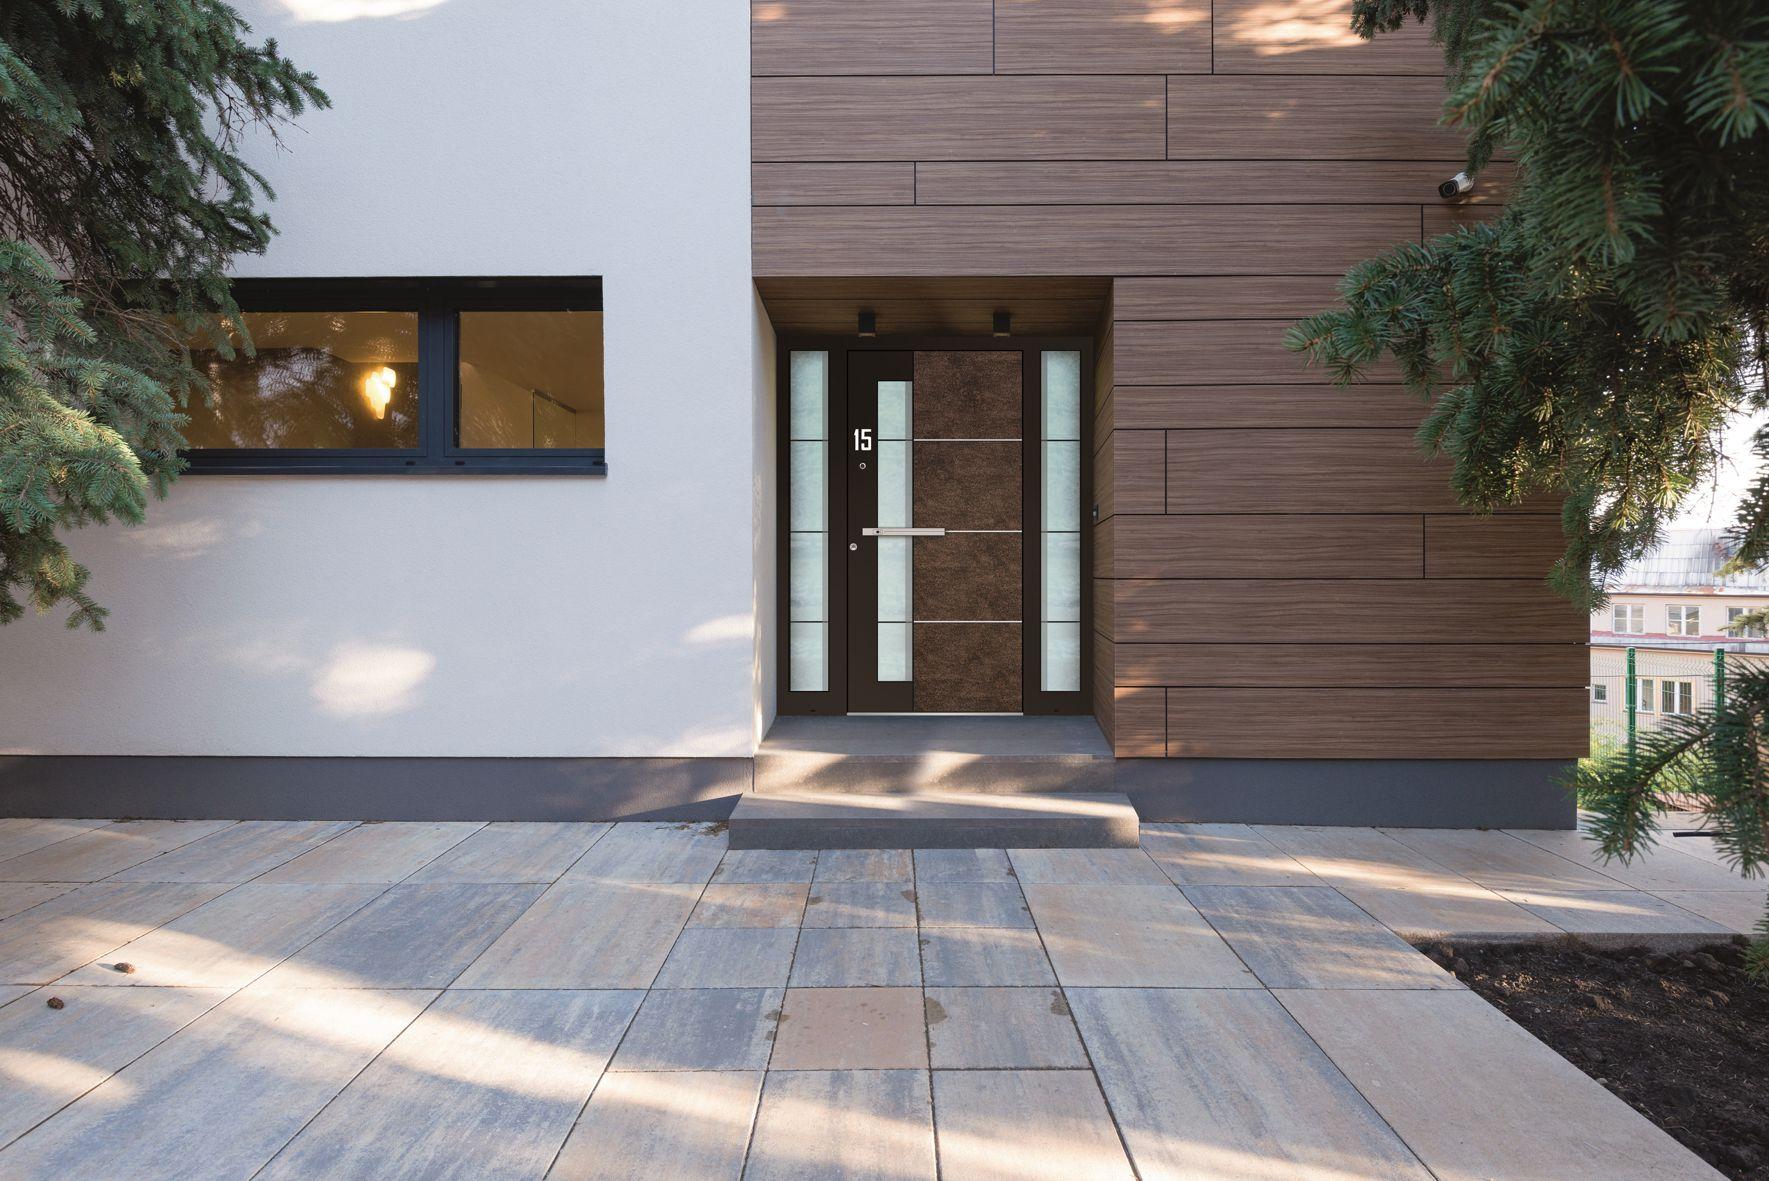 stilsichere und einbruchsichere haust ren aus aluminium urs k hne k chen t ren wohnen. Black Bedroom Furniture Sets. Home Design Ideas